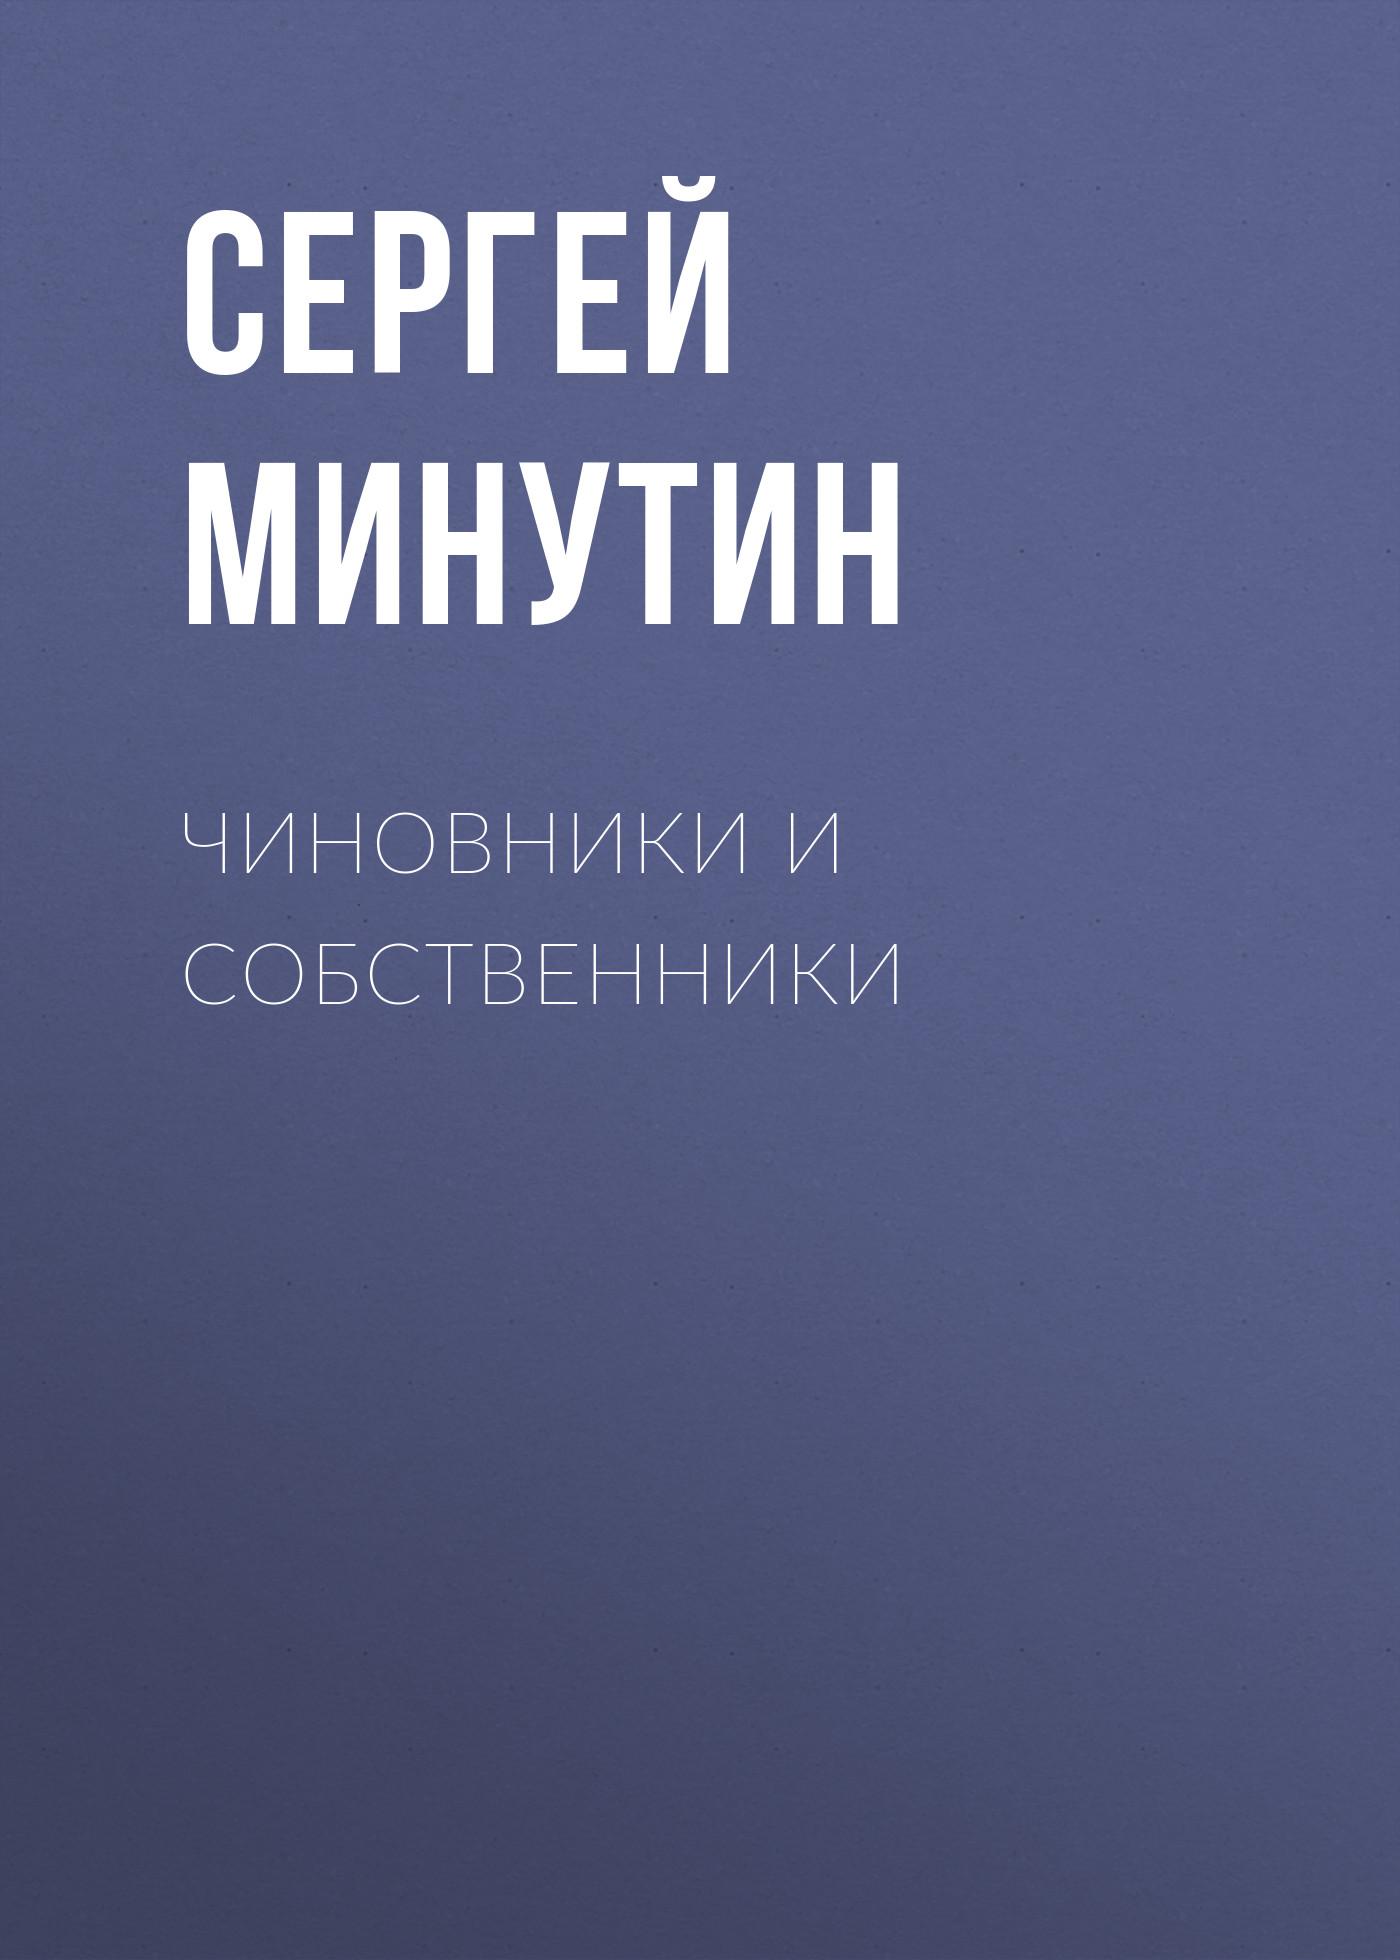 Купить книгу Чиновники и Собственники, автора Сергея Минутина